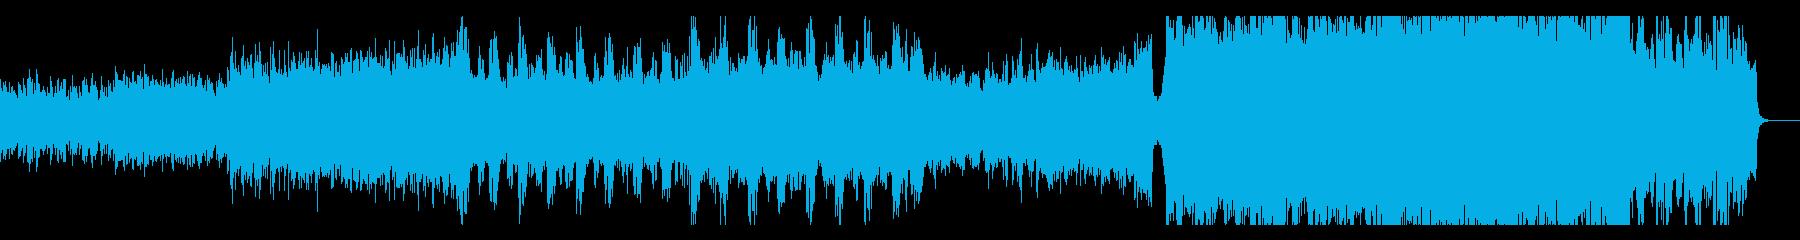 生演奏バイオリン 壮大なエレクトロメタルの再生済みの波形